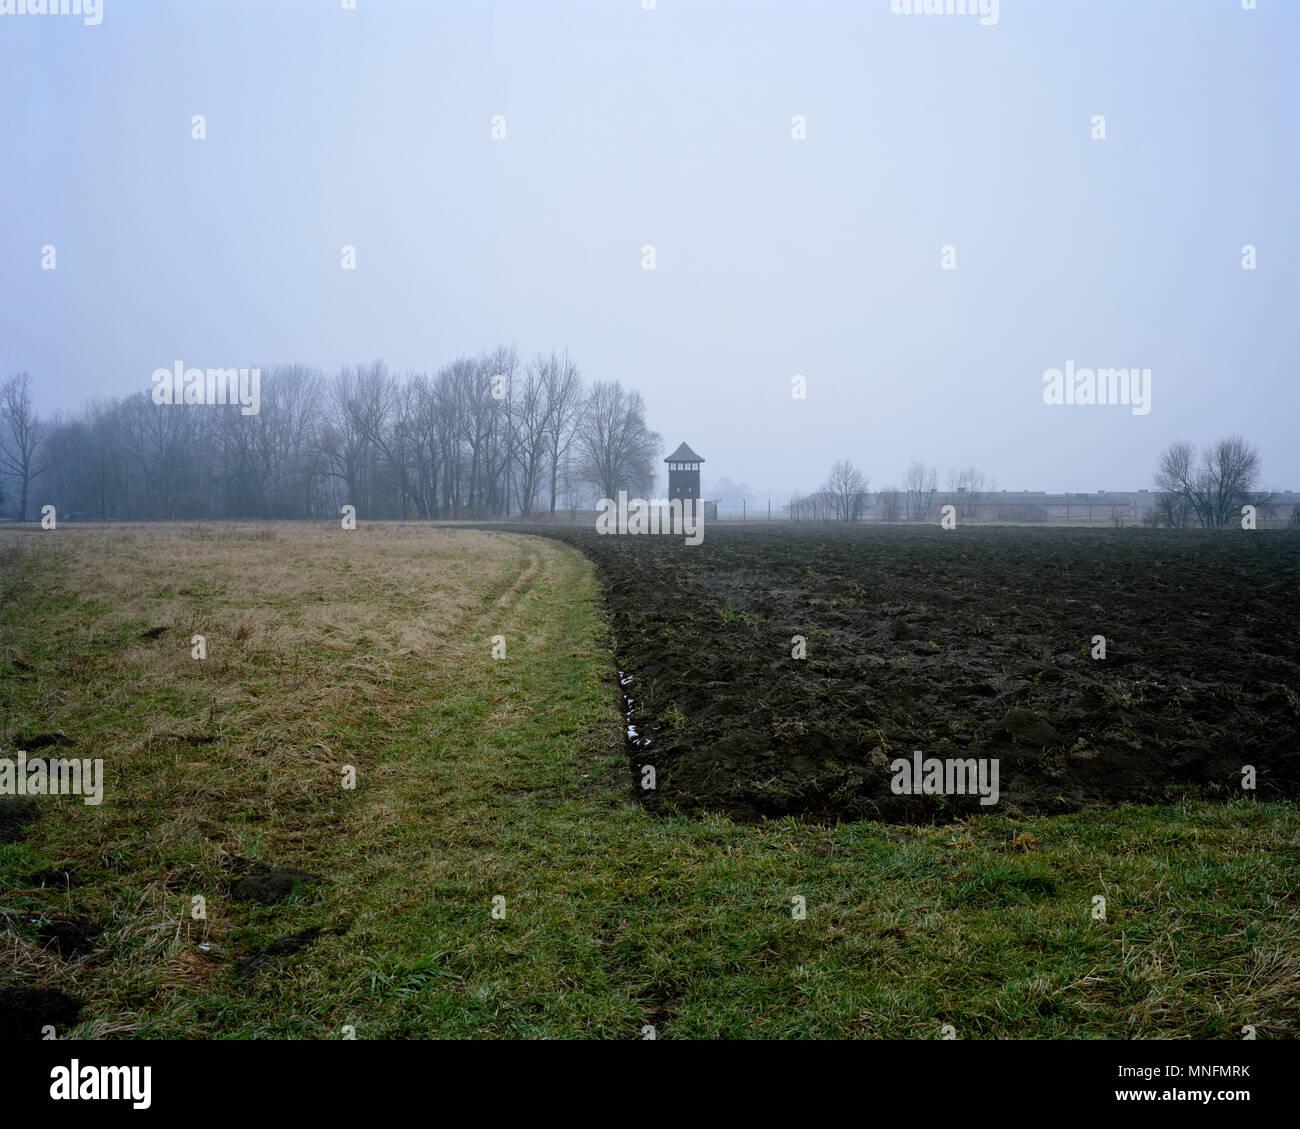 Befreiten n 27. Januar 1945. Auschwitz II-Birkenau Konzentrationslager in der Stadt im Südwesten von Polen. Stockbild